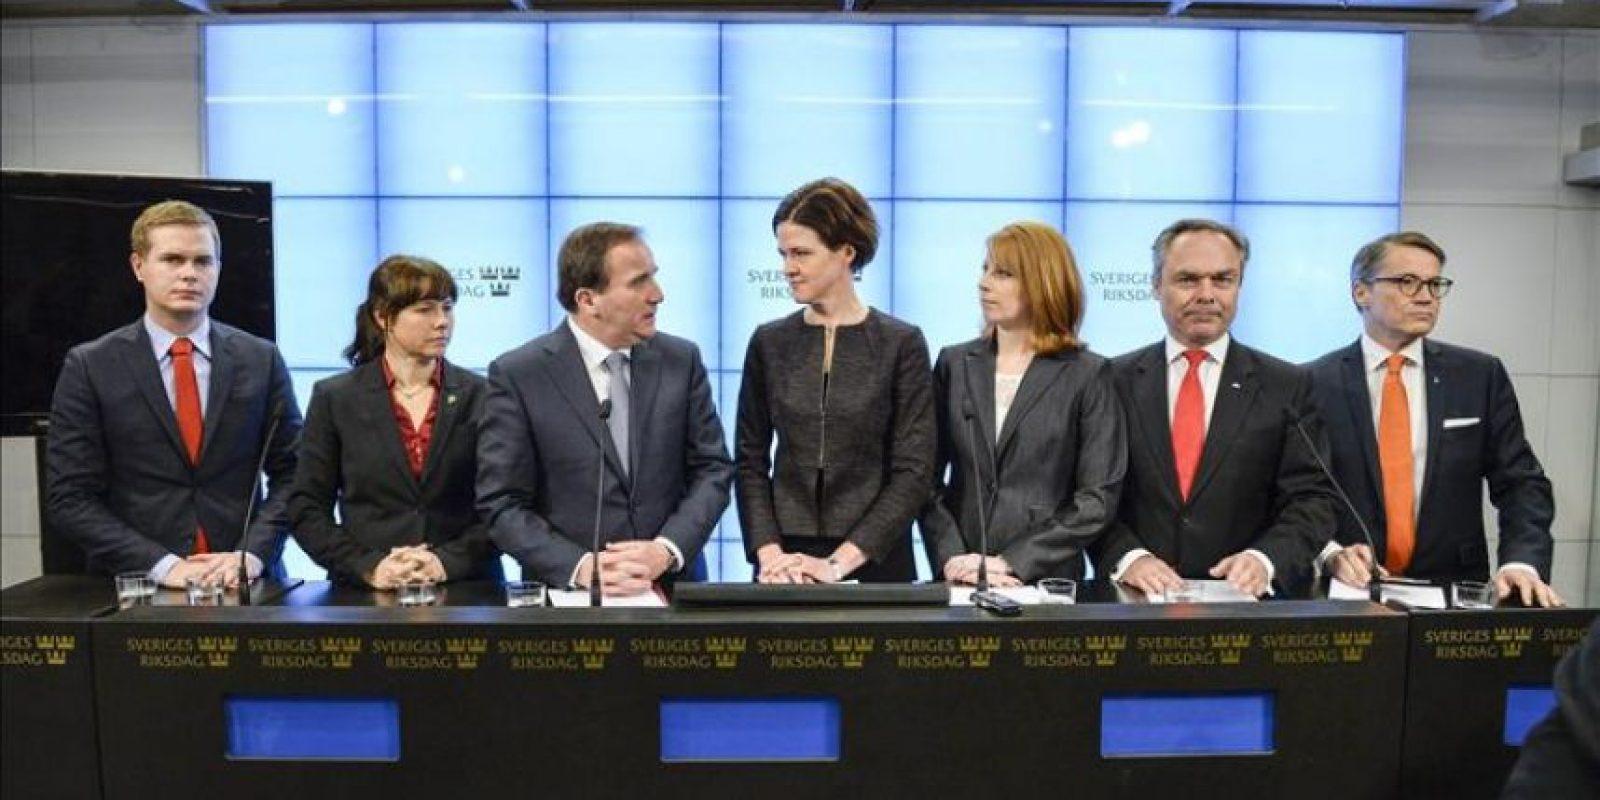 El primer ministro sueco y líder del Partido Social Demócrata Stefan Löfven (3 izda) junto con los líderes de los partidos políticos suecos durante una conferencia de prensa en el Parlamento sueco en Estocolmo, Suecia, hoy 27 de diciembre de 2014. EFE